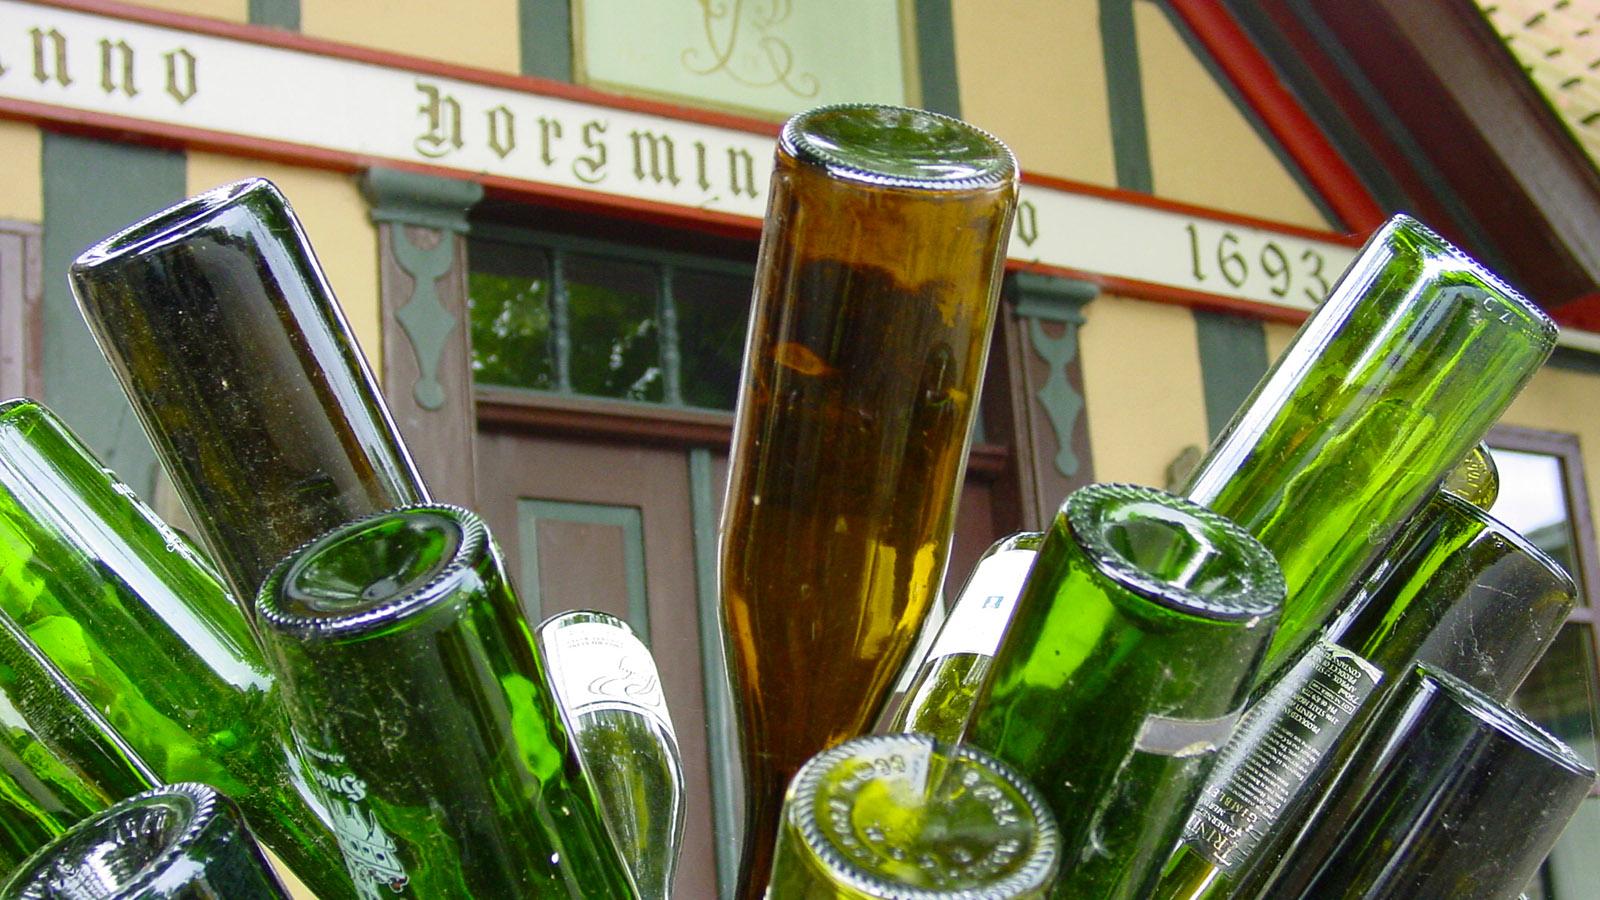 Norsminde Kro: seit 1693 ein Gassthof! Foto: Hilke Maunder